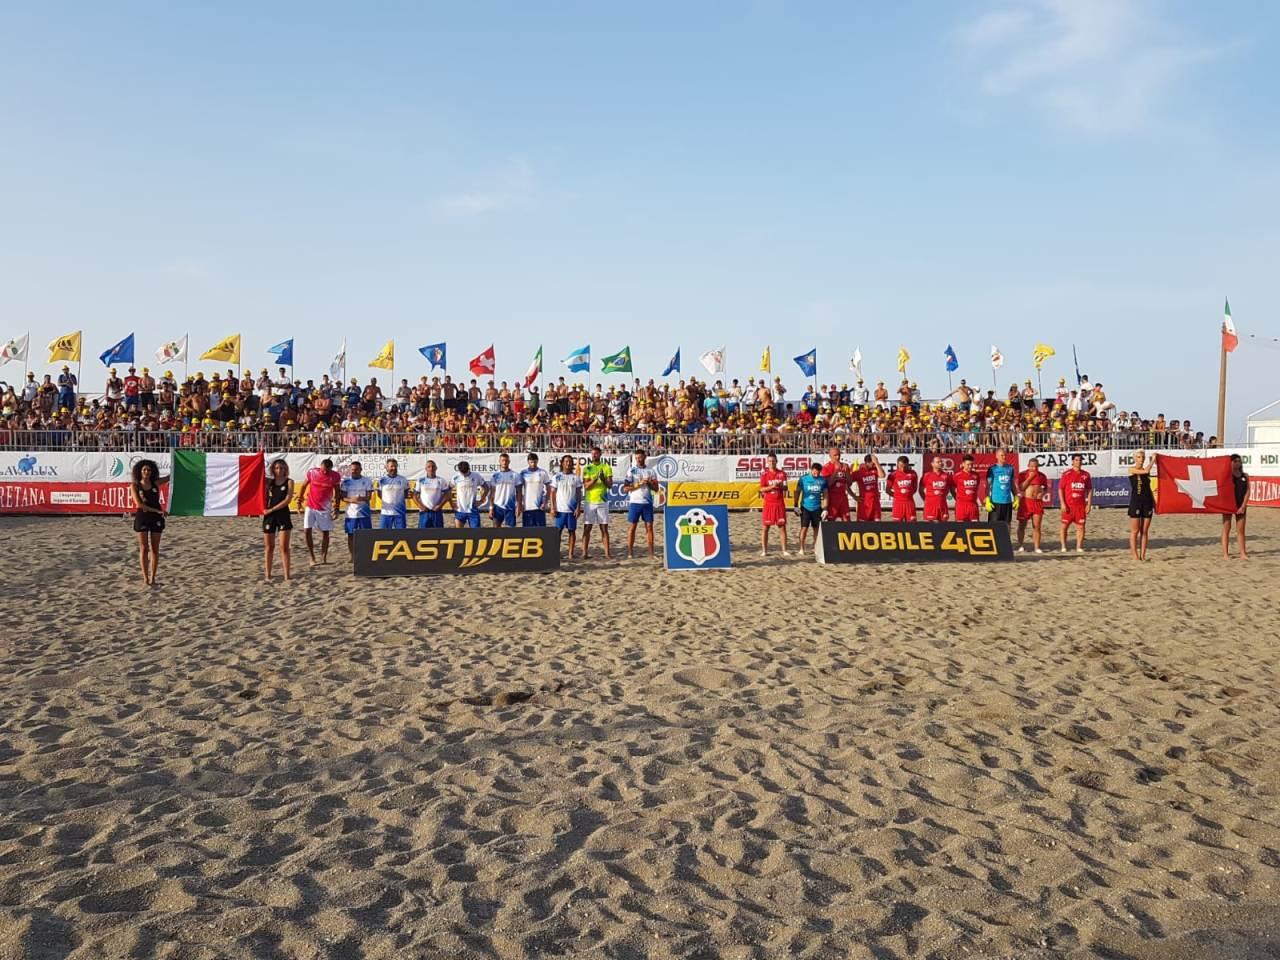 Martinsicuro ospiterà la tappa promozionale del tour dell'Italia Beach Soccer 2019